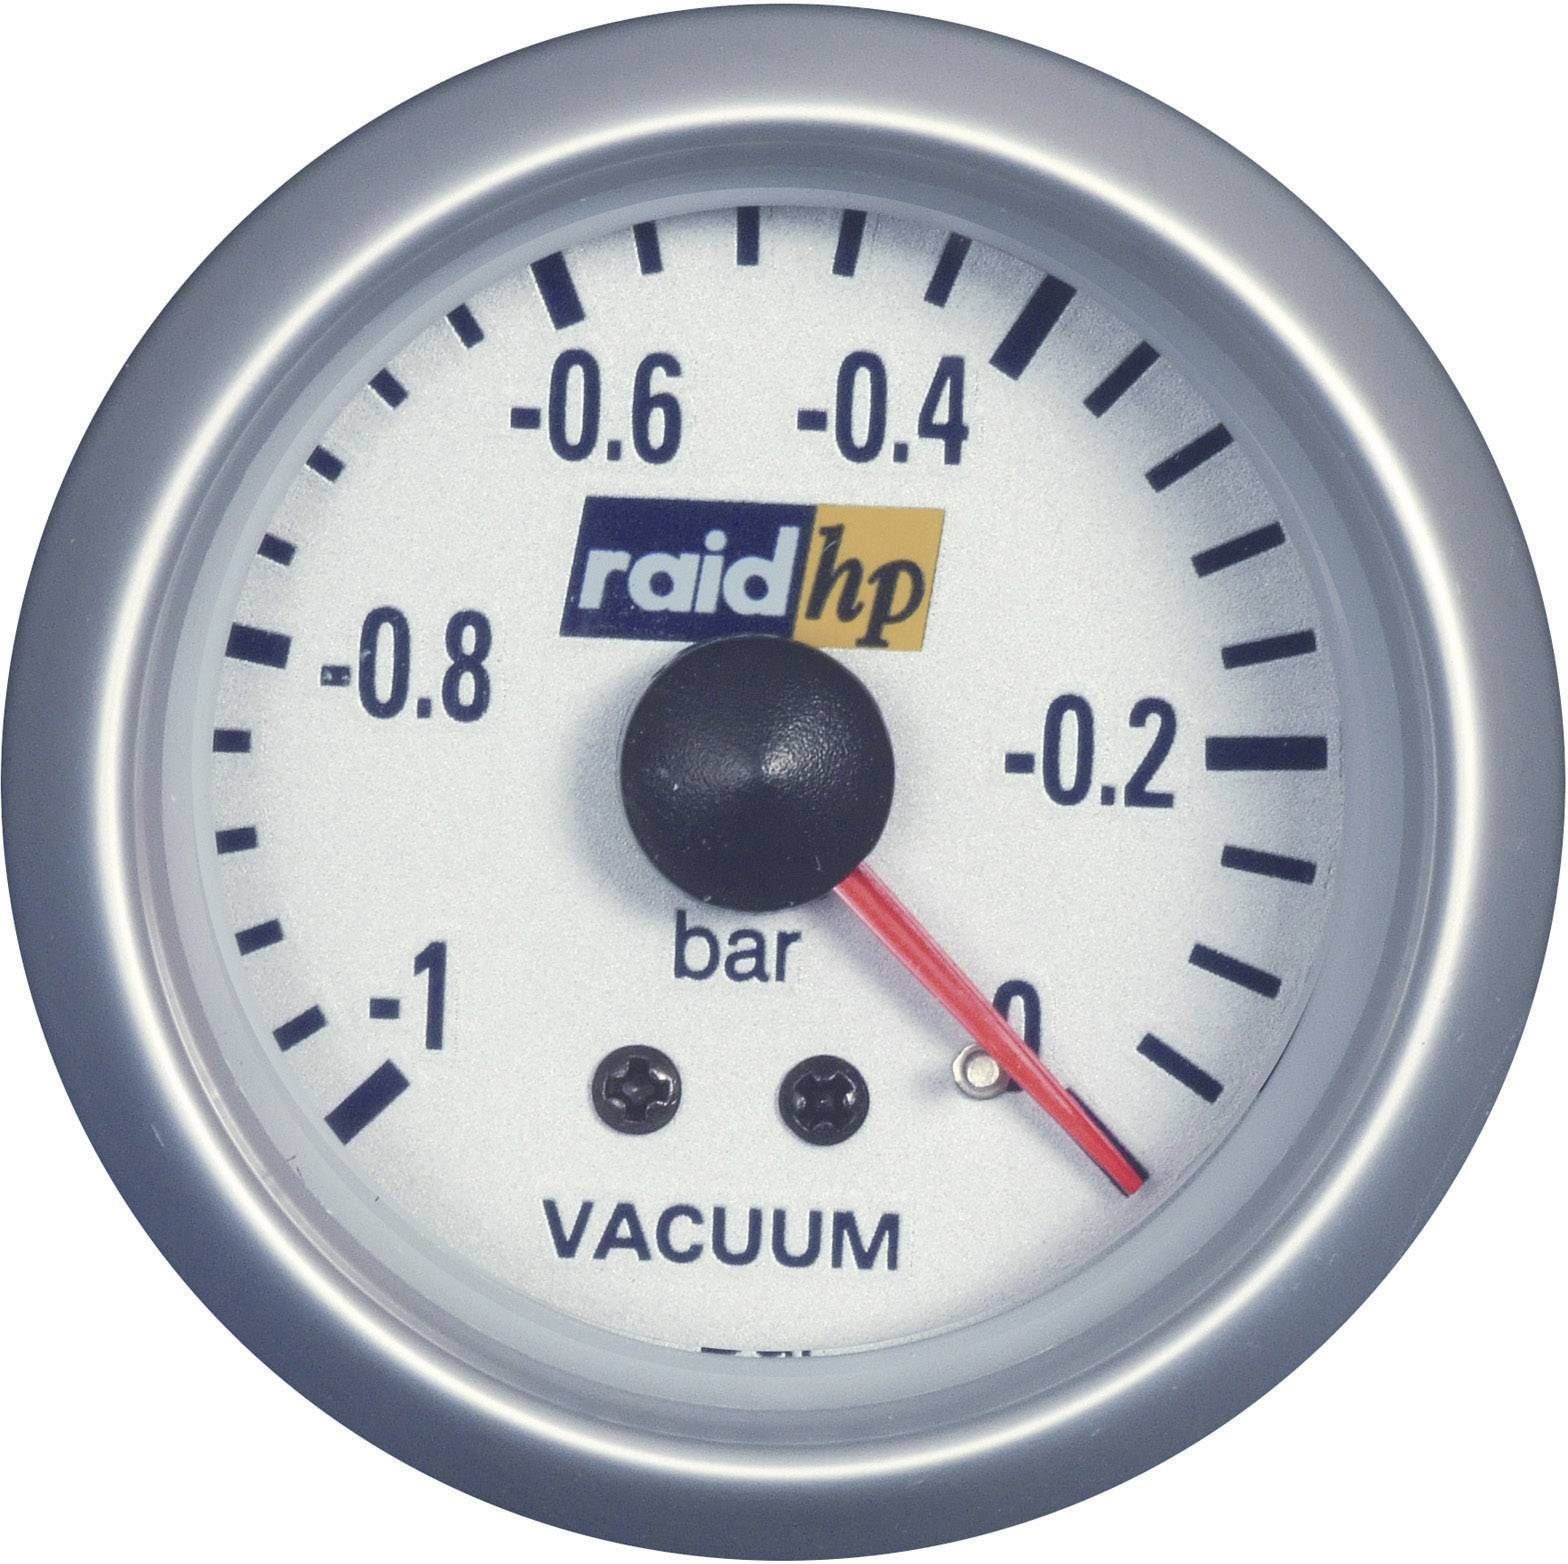 Vestavný vakuometr RaidHp, stříbrný